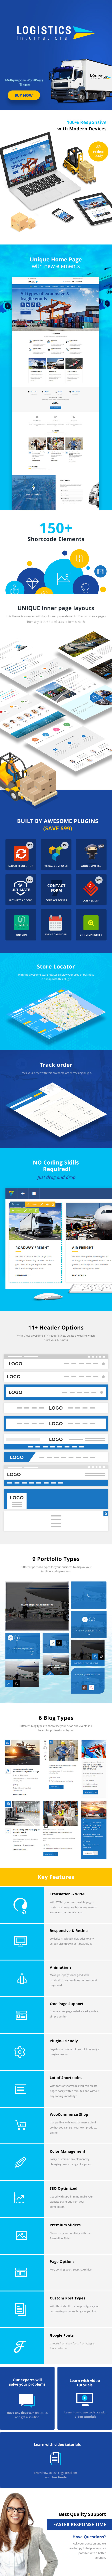 Logistics wordpress theme - 1 Logistics wordpress theme Nulled Free Download Logistics wordpress theme Nulled Free Download logistics promo